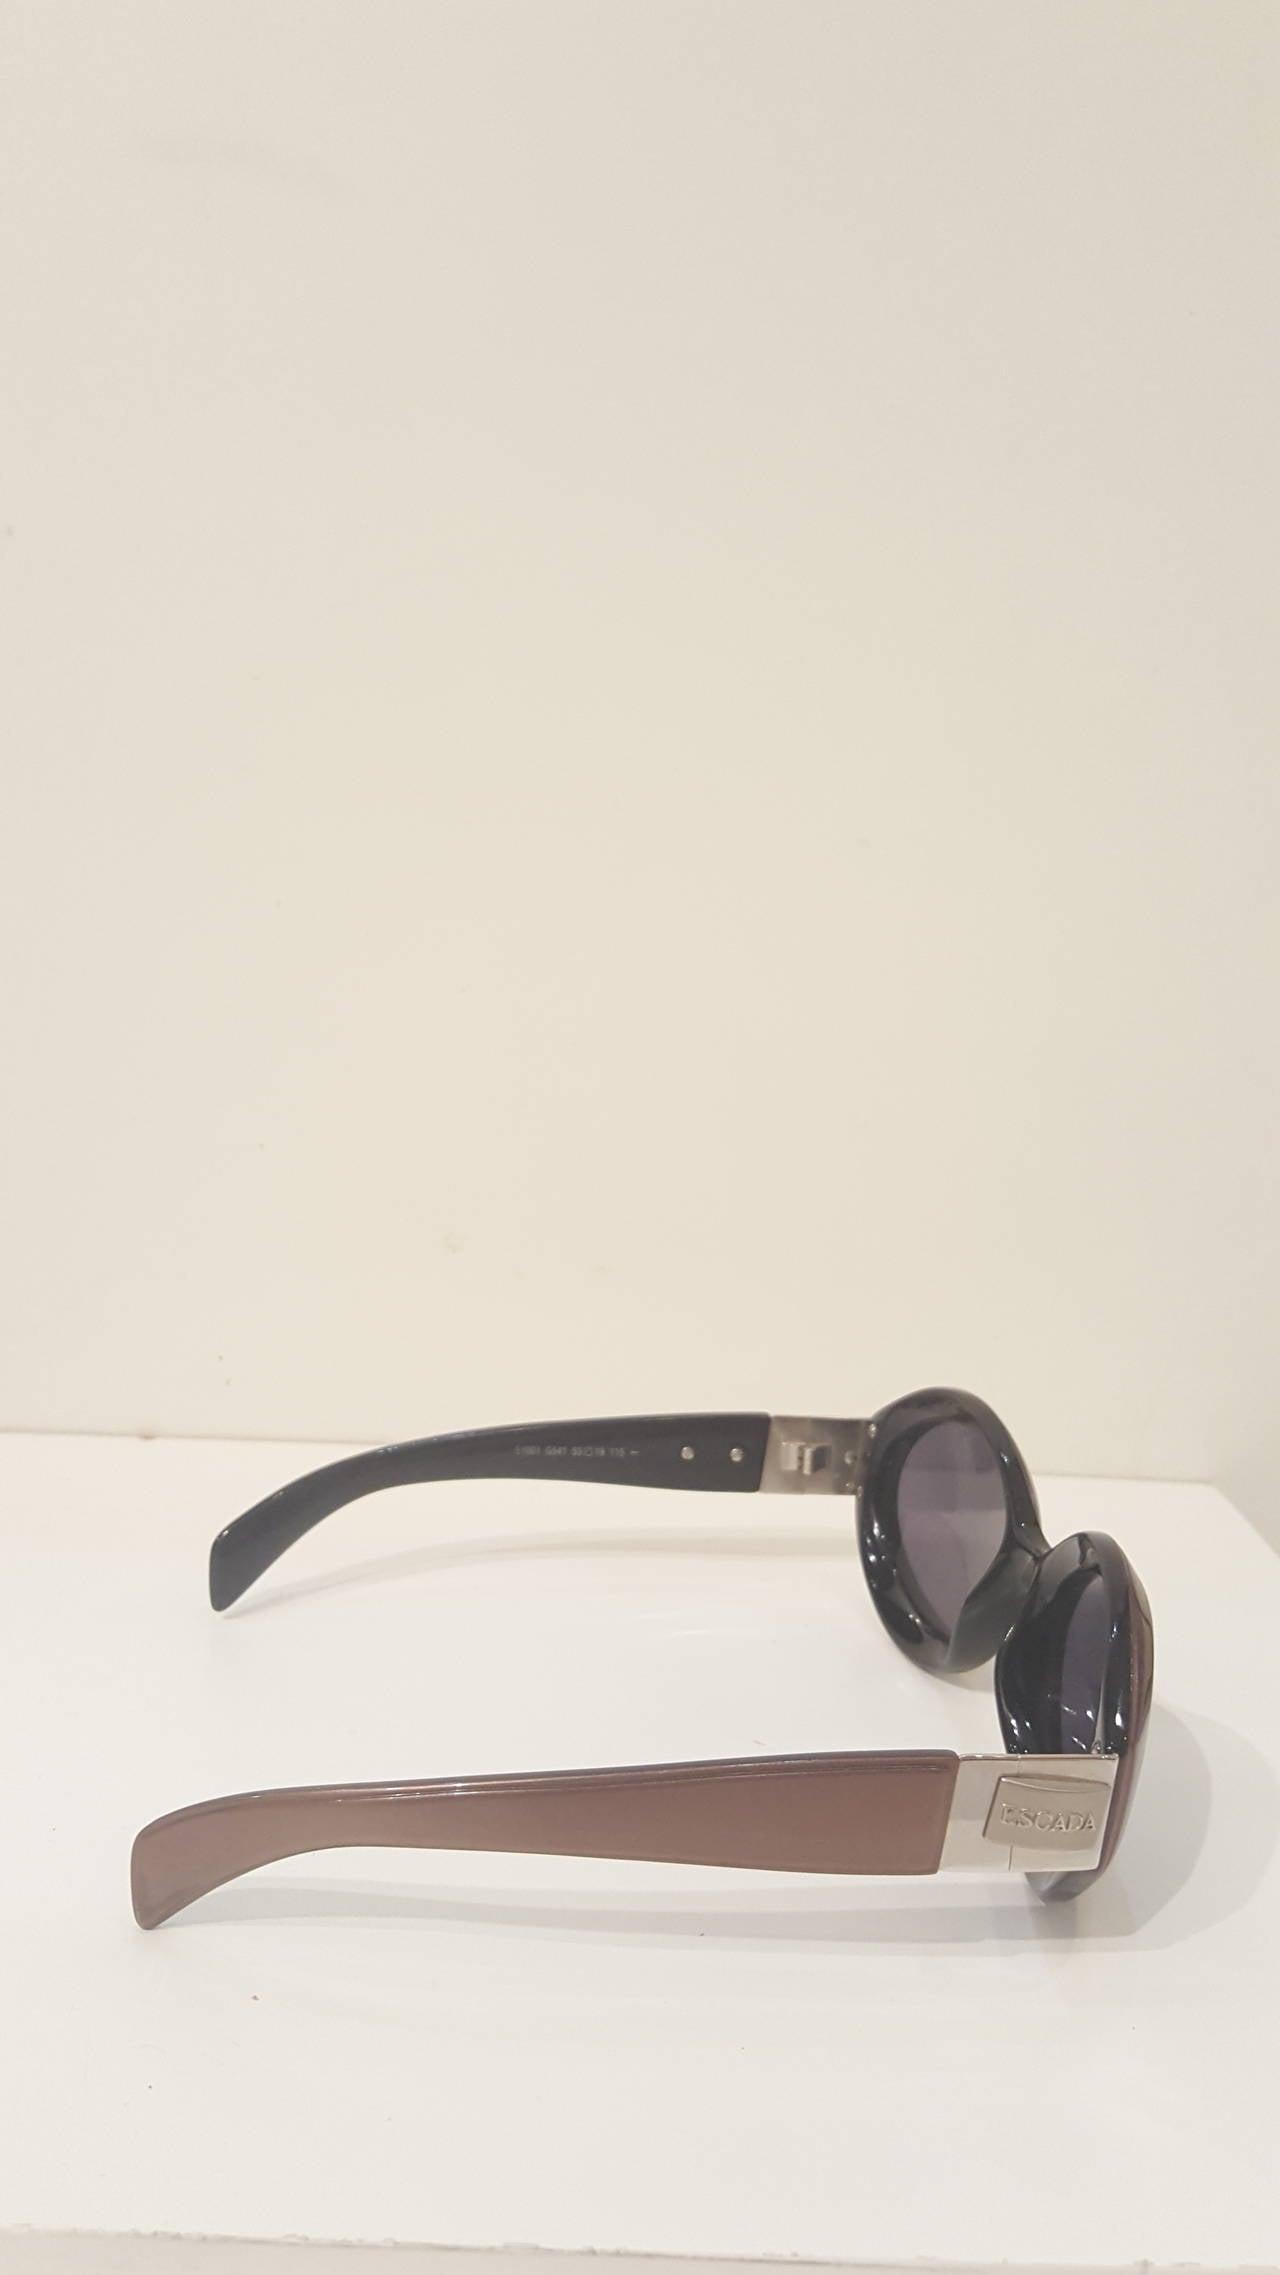 1980s Escada brown sunglasses In Excellent Condition For Sale In Capri, IT